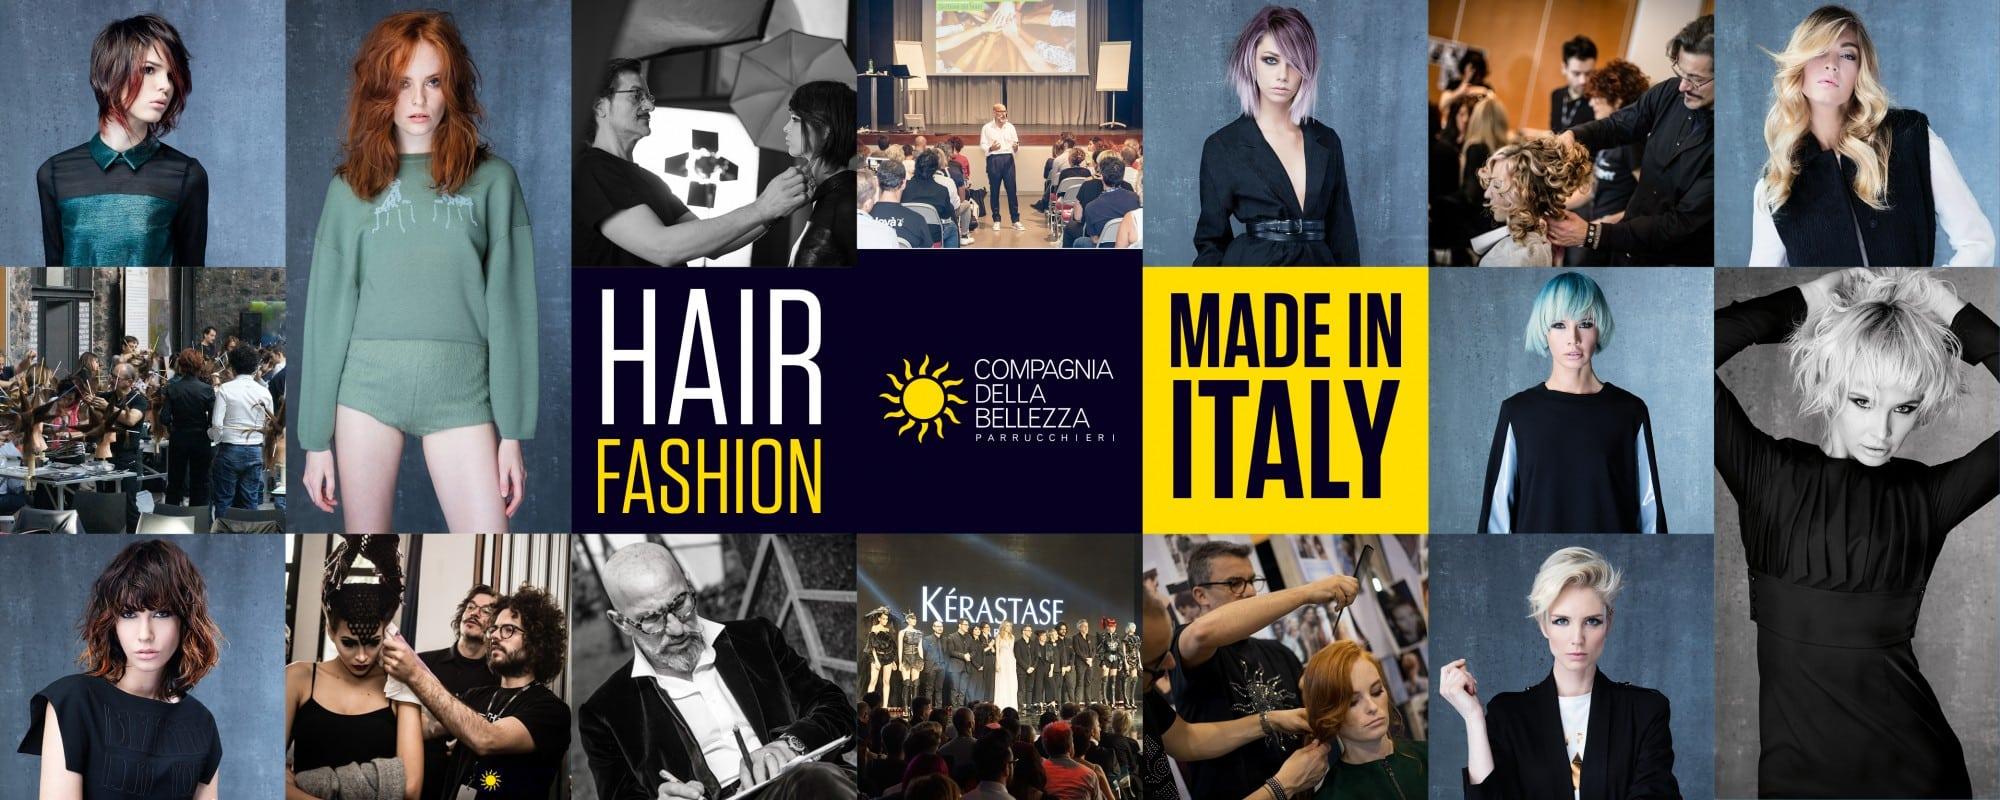 Compagnia Della Bellezza - Hair Fashion Made in Italy - Collage con Collezione Joyà Italy